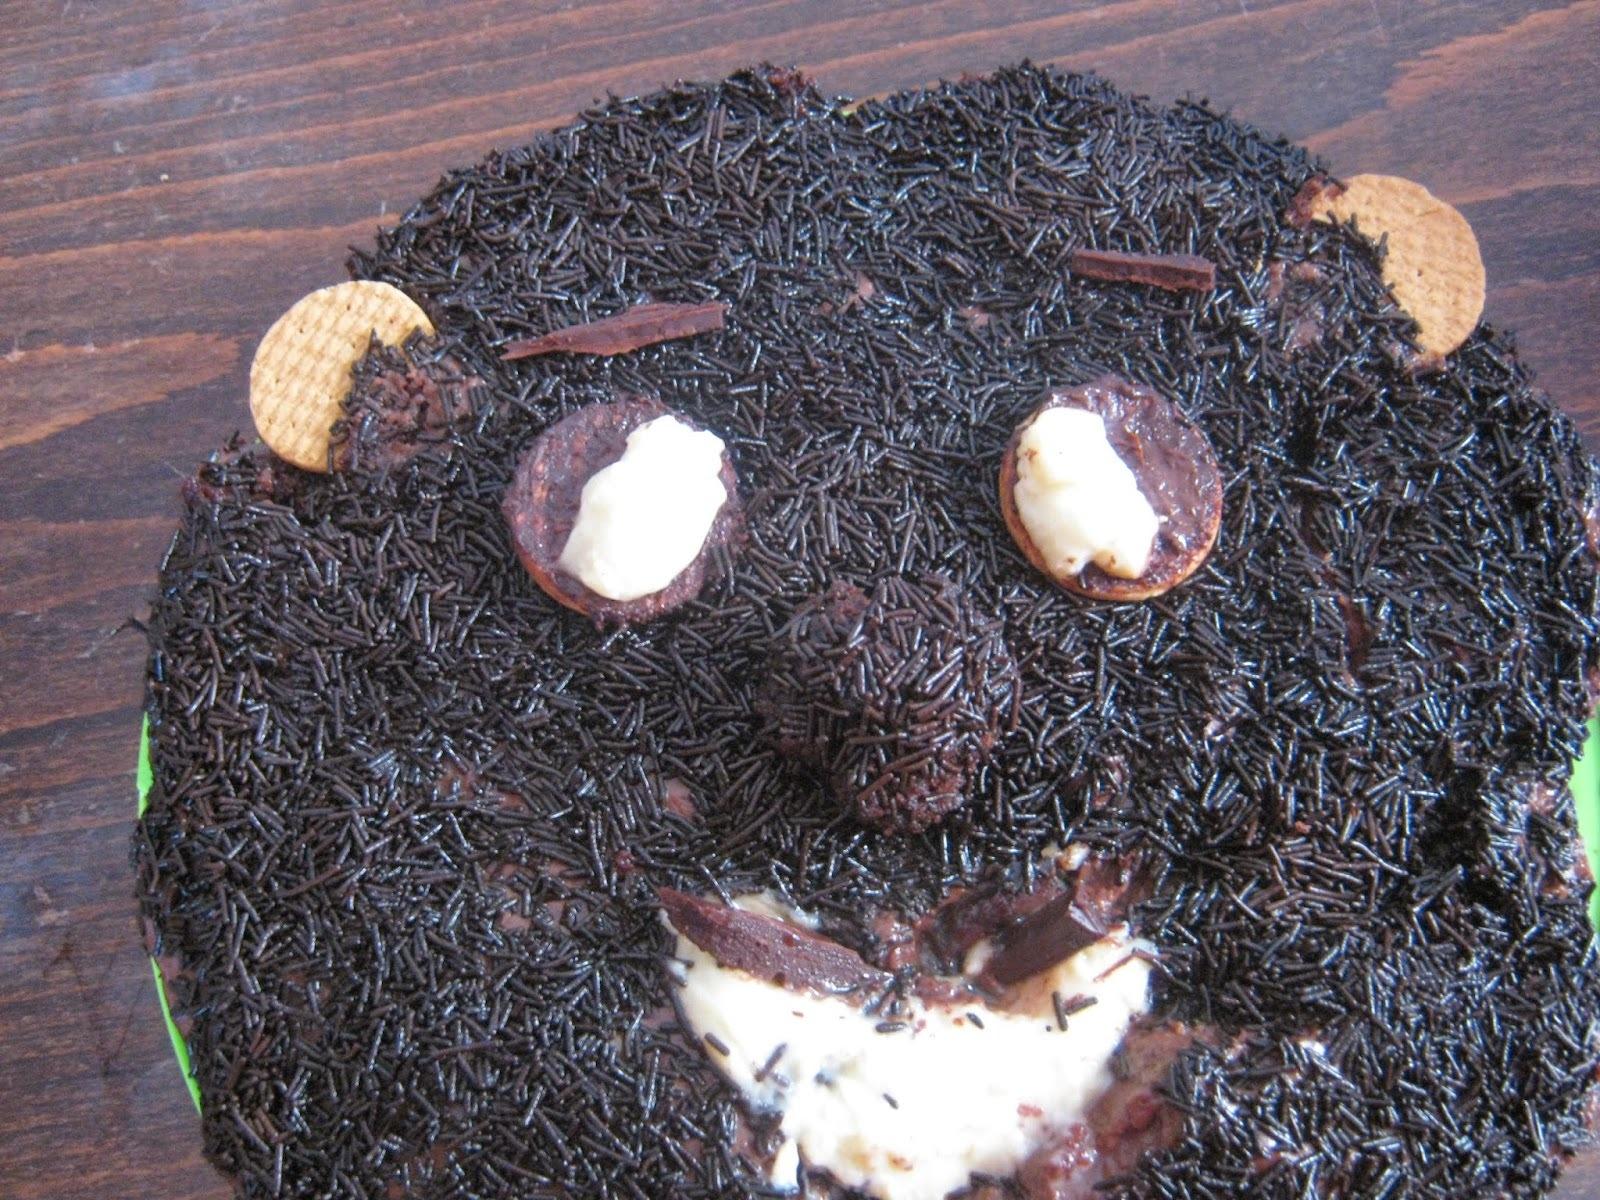 Kαι μια τούρτα φατσούλα  για γεννέθλια.